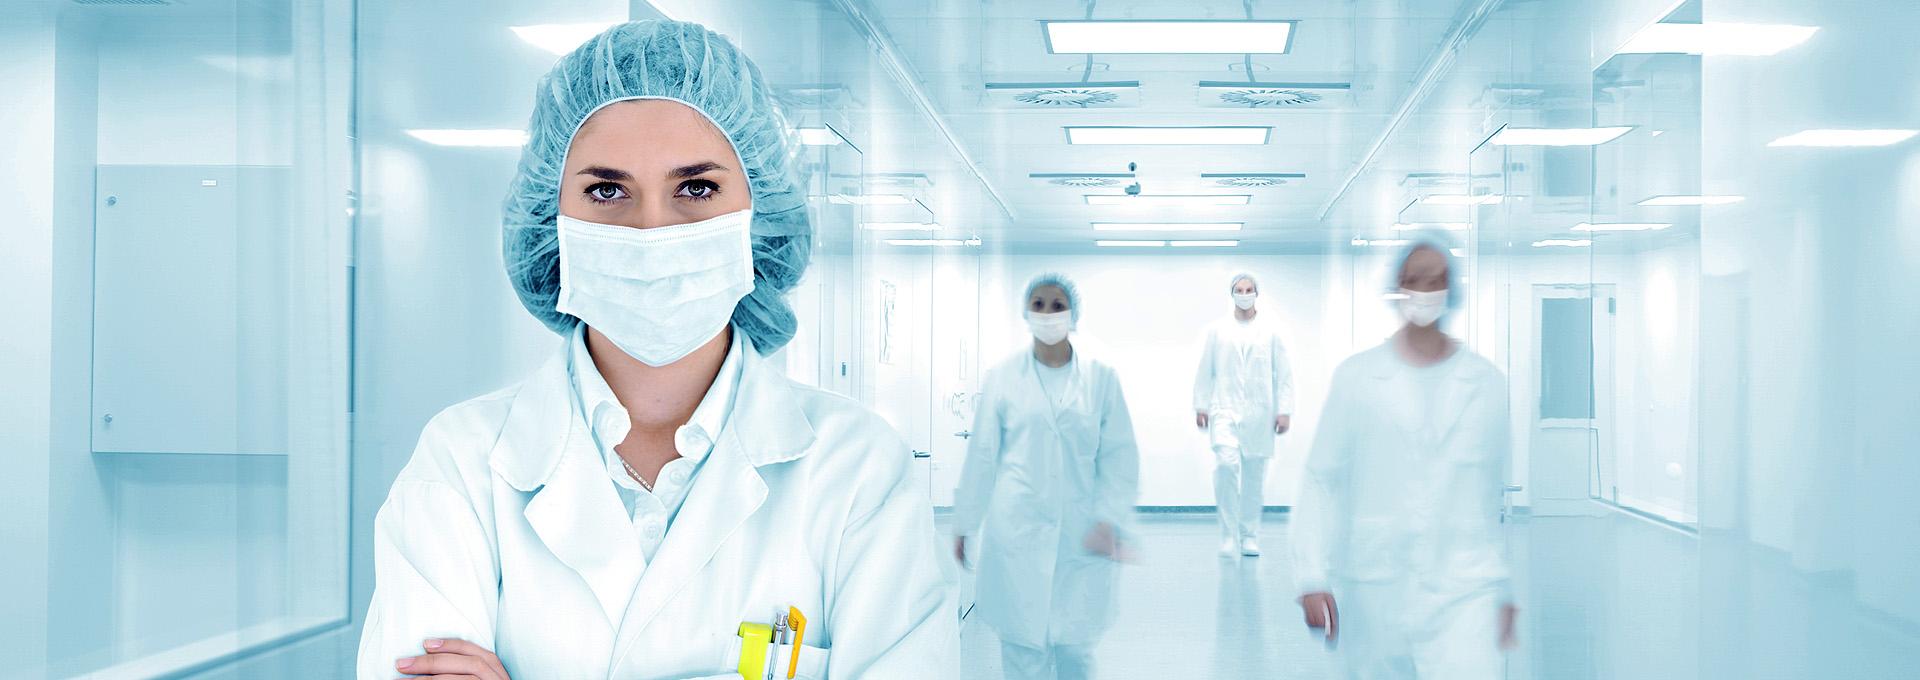 higijena-u-zdravstvenim-ustanovama